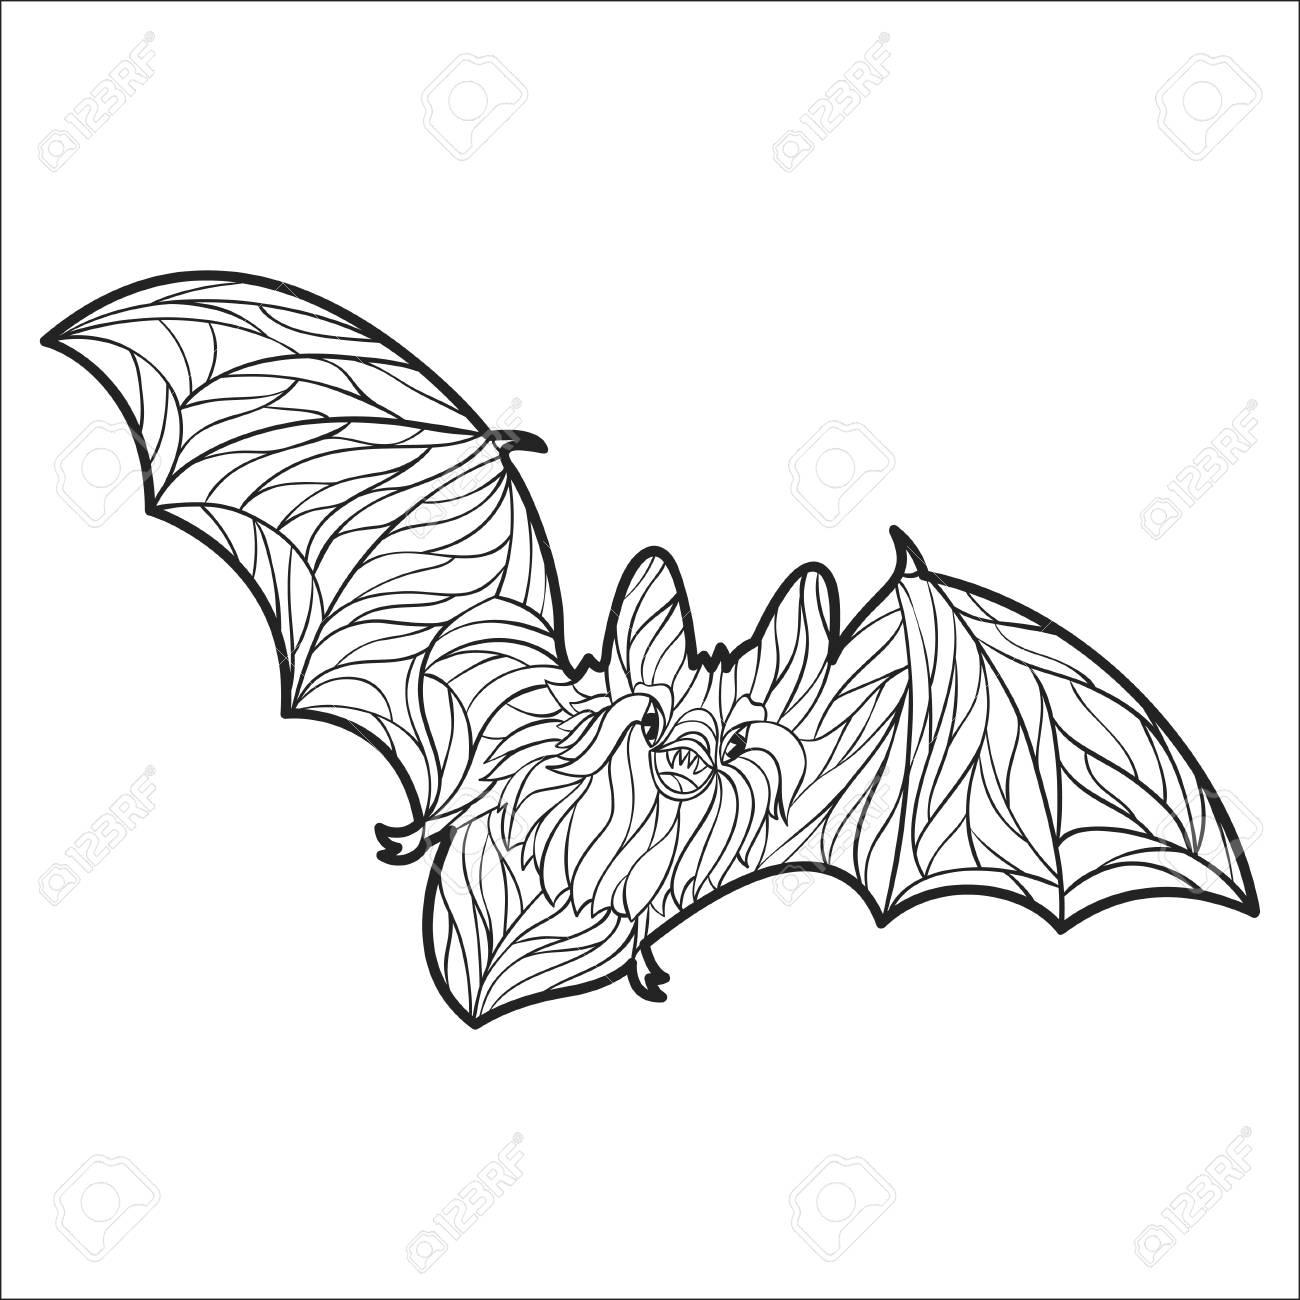 Vector Monocromo Dibujado A Mano Ilustración De Murciélago Página